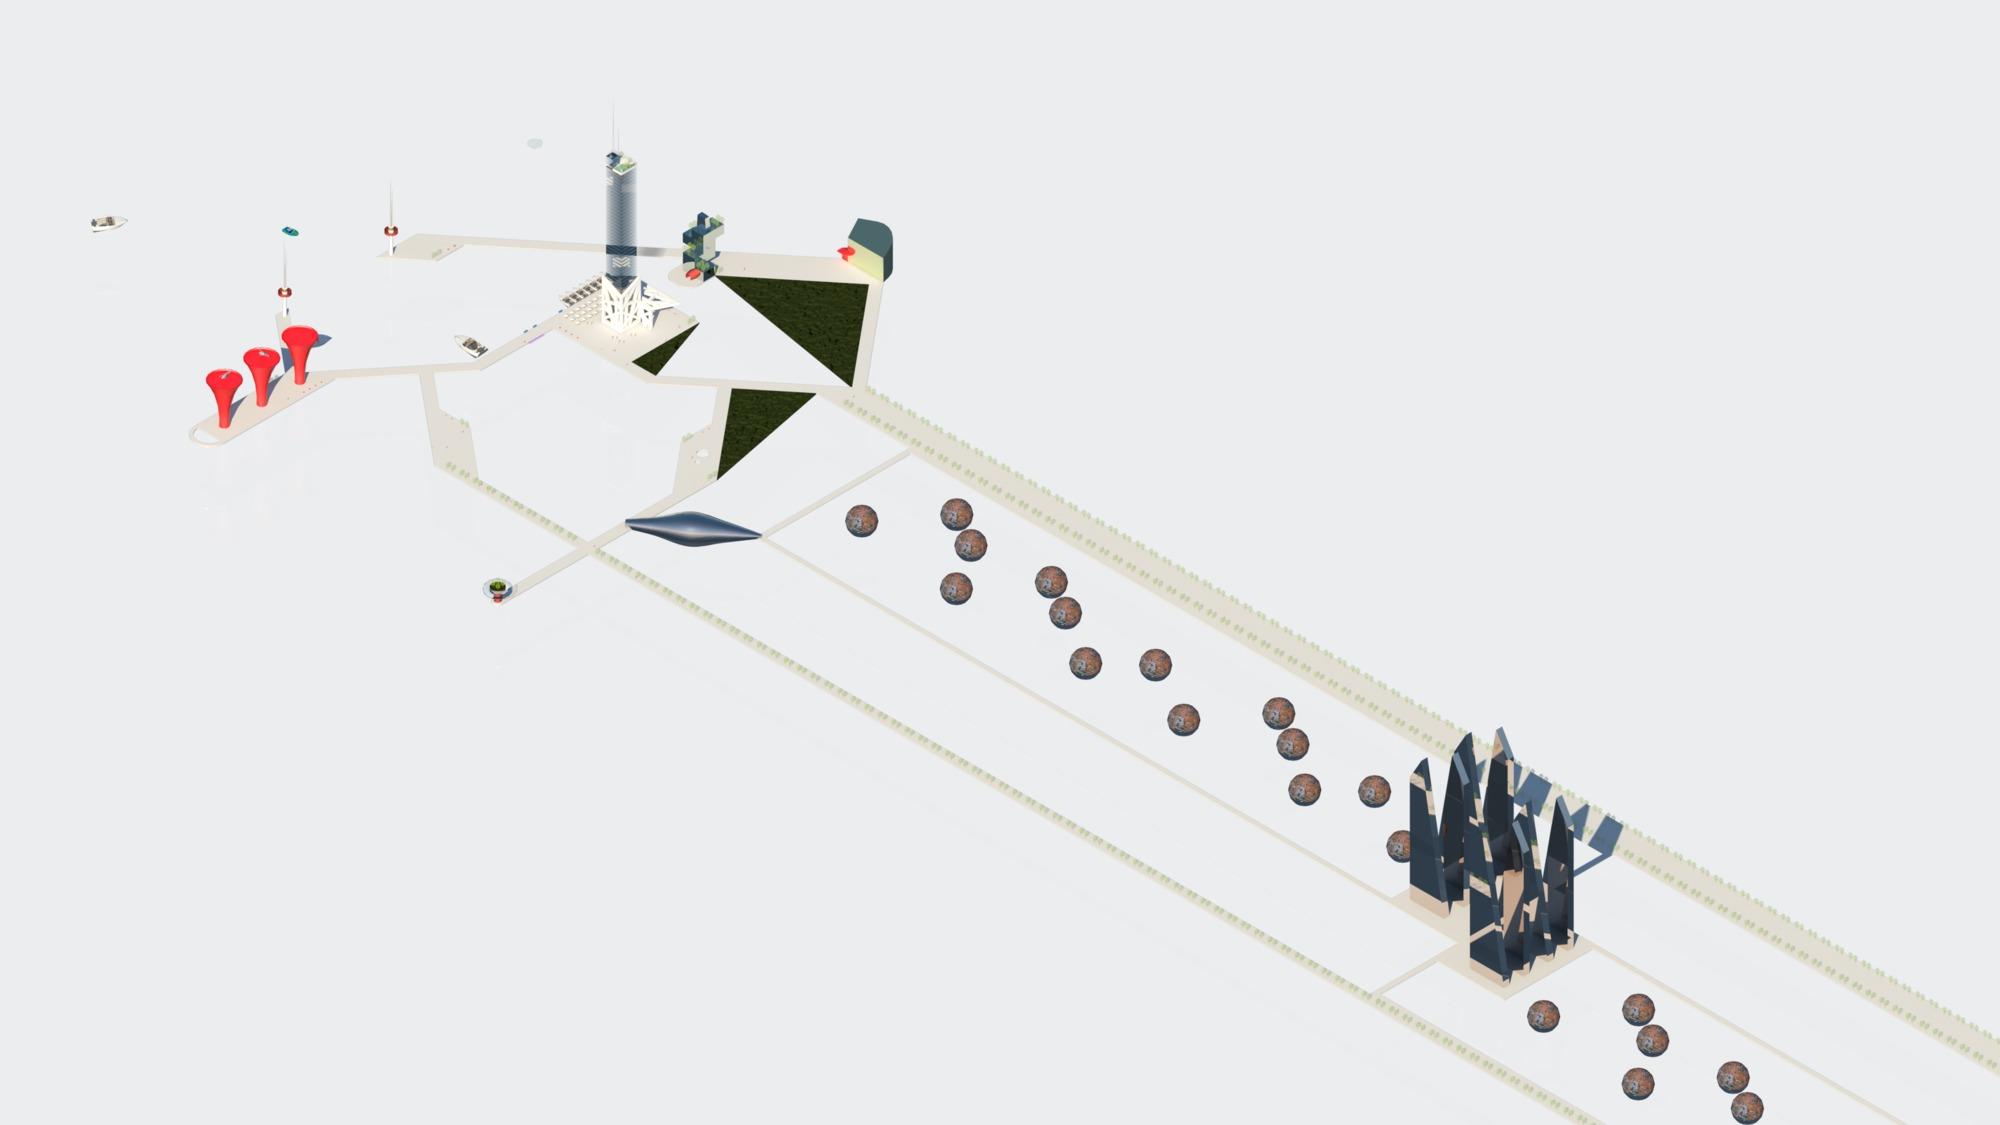 Raas-rendering20150206-18426-95trxu